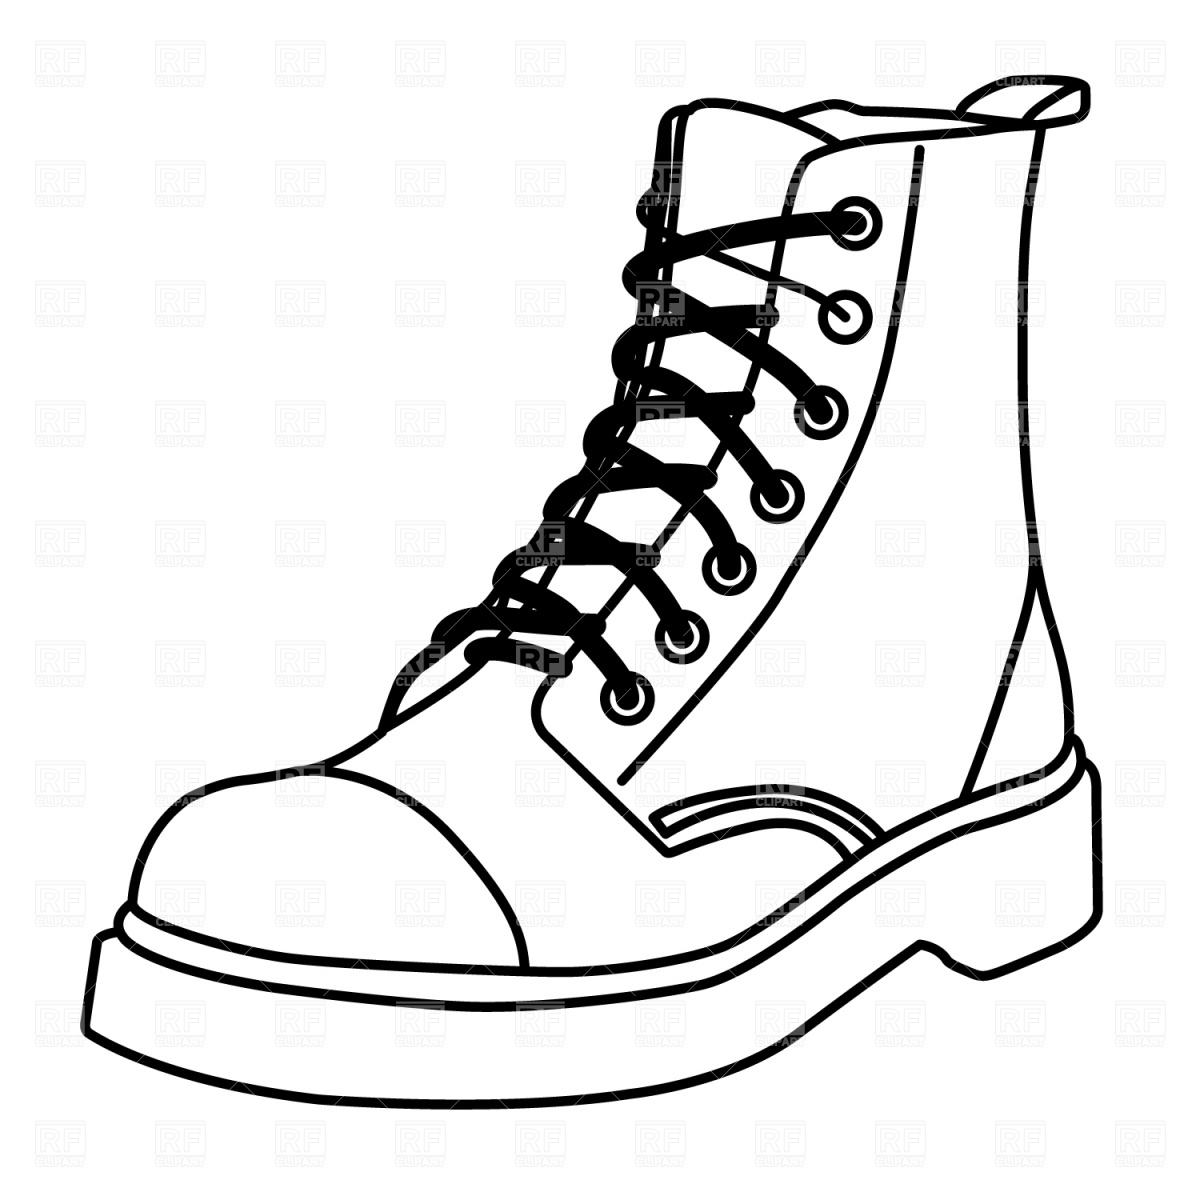 1200x1200 Shoe Line Art Clipart